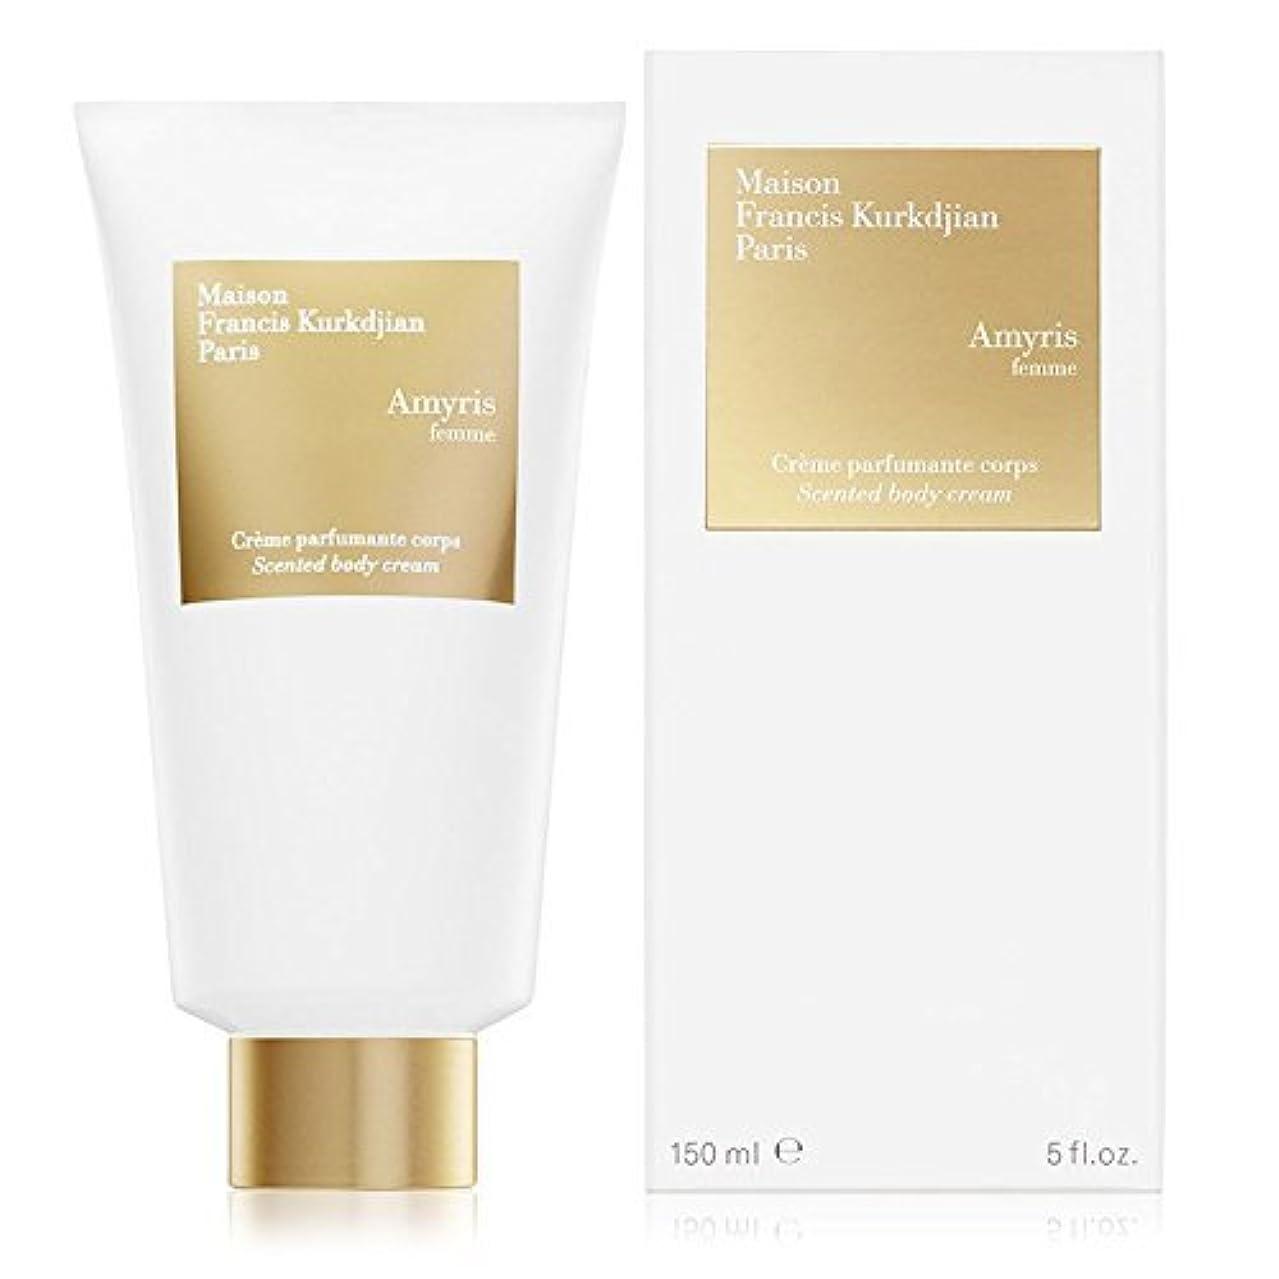 クレーンによると時制Maison Francis Kurkdjian Amyris Femme Scented Body Cream(メゾン フランシス クルジャン アミリス ファム ボディクリーム)150ml [並行輸入品]